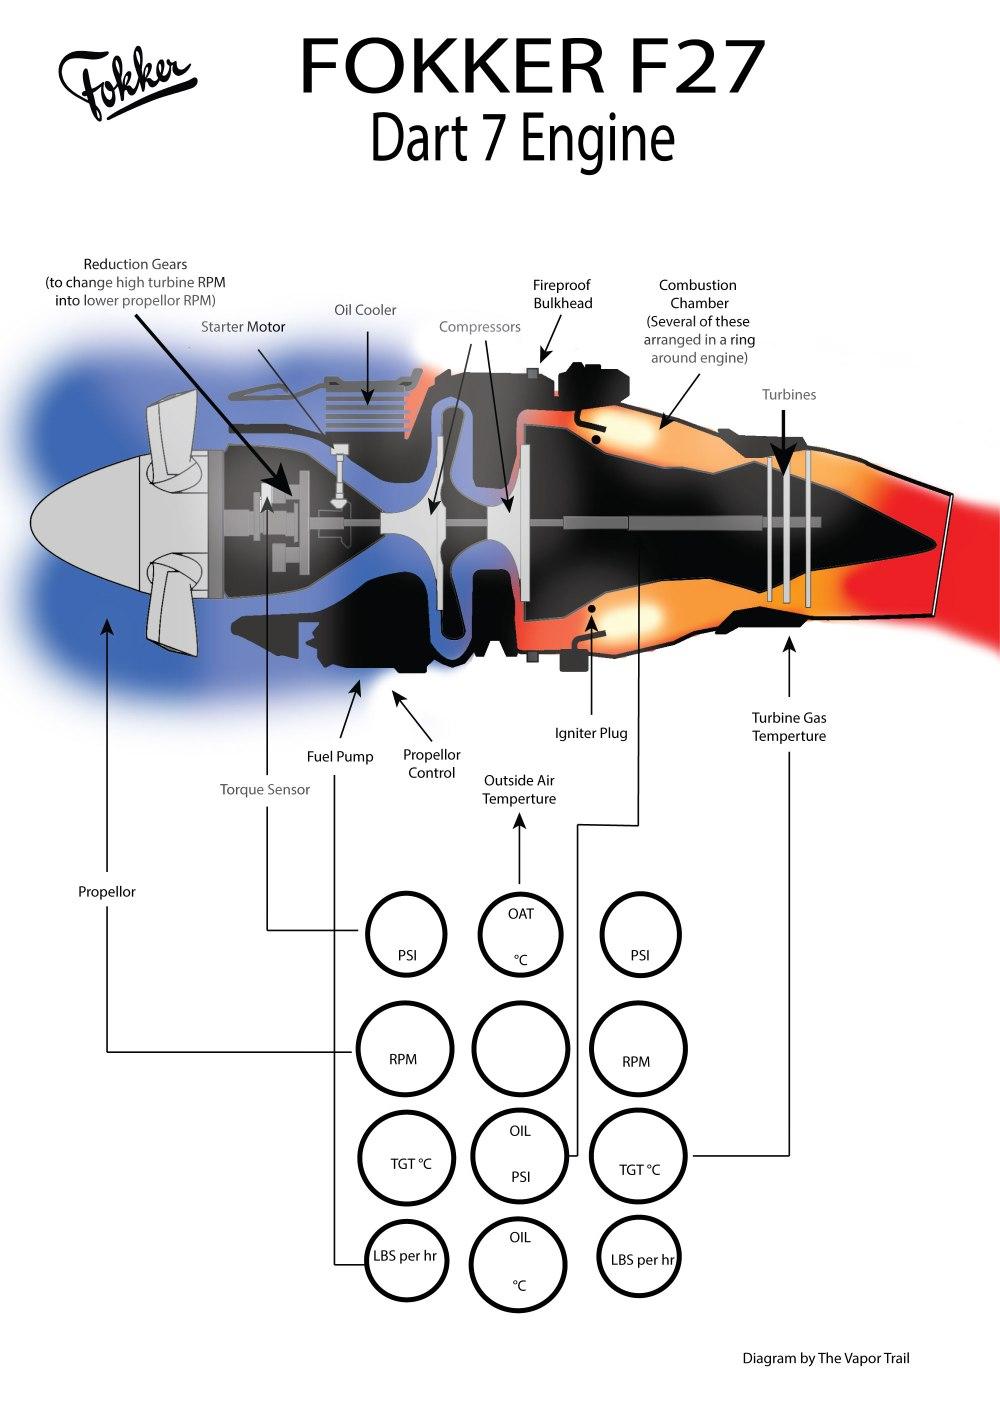 medium resolution of fokker f27 dart 7 engine diagram